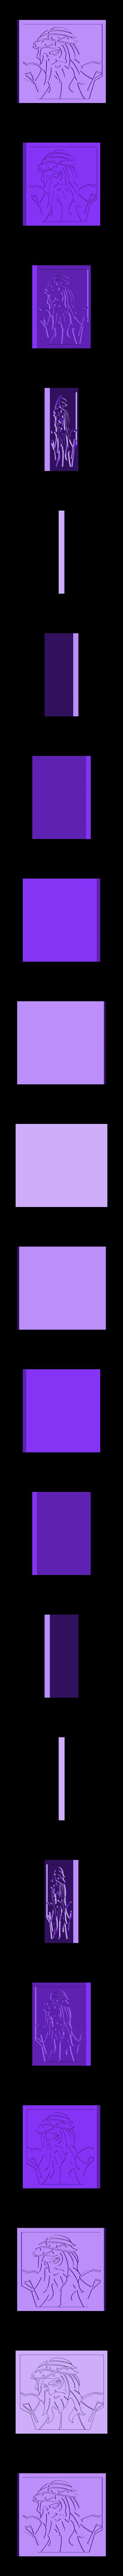 keychain_jesucristo.stl Télécharger fichier STL gratuit Clés Jésus-Christ • Plan pour imprimante 3D, 3dlito